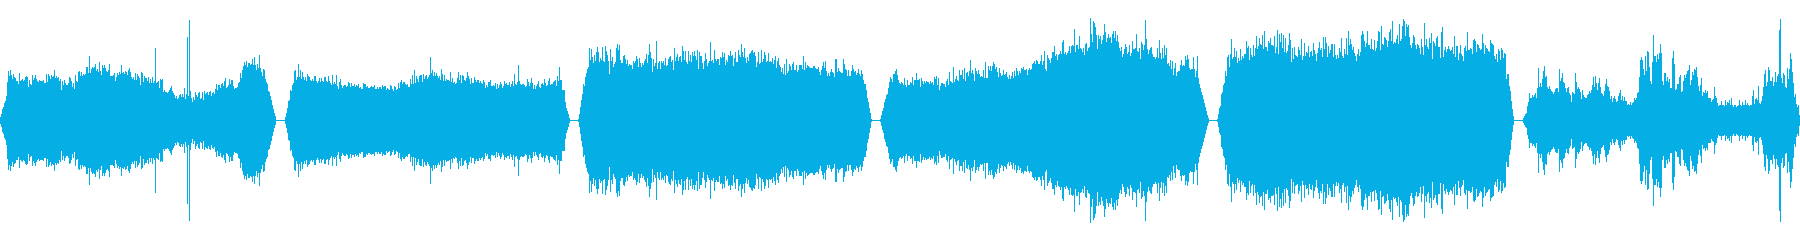 風、風、6バージョン; DIGIF...の再生済みの波形